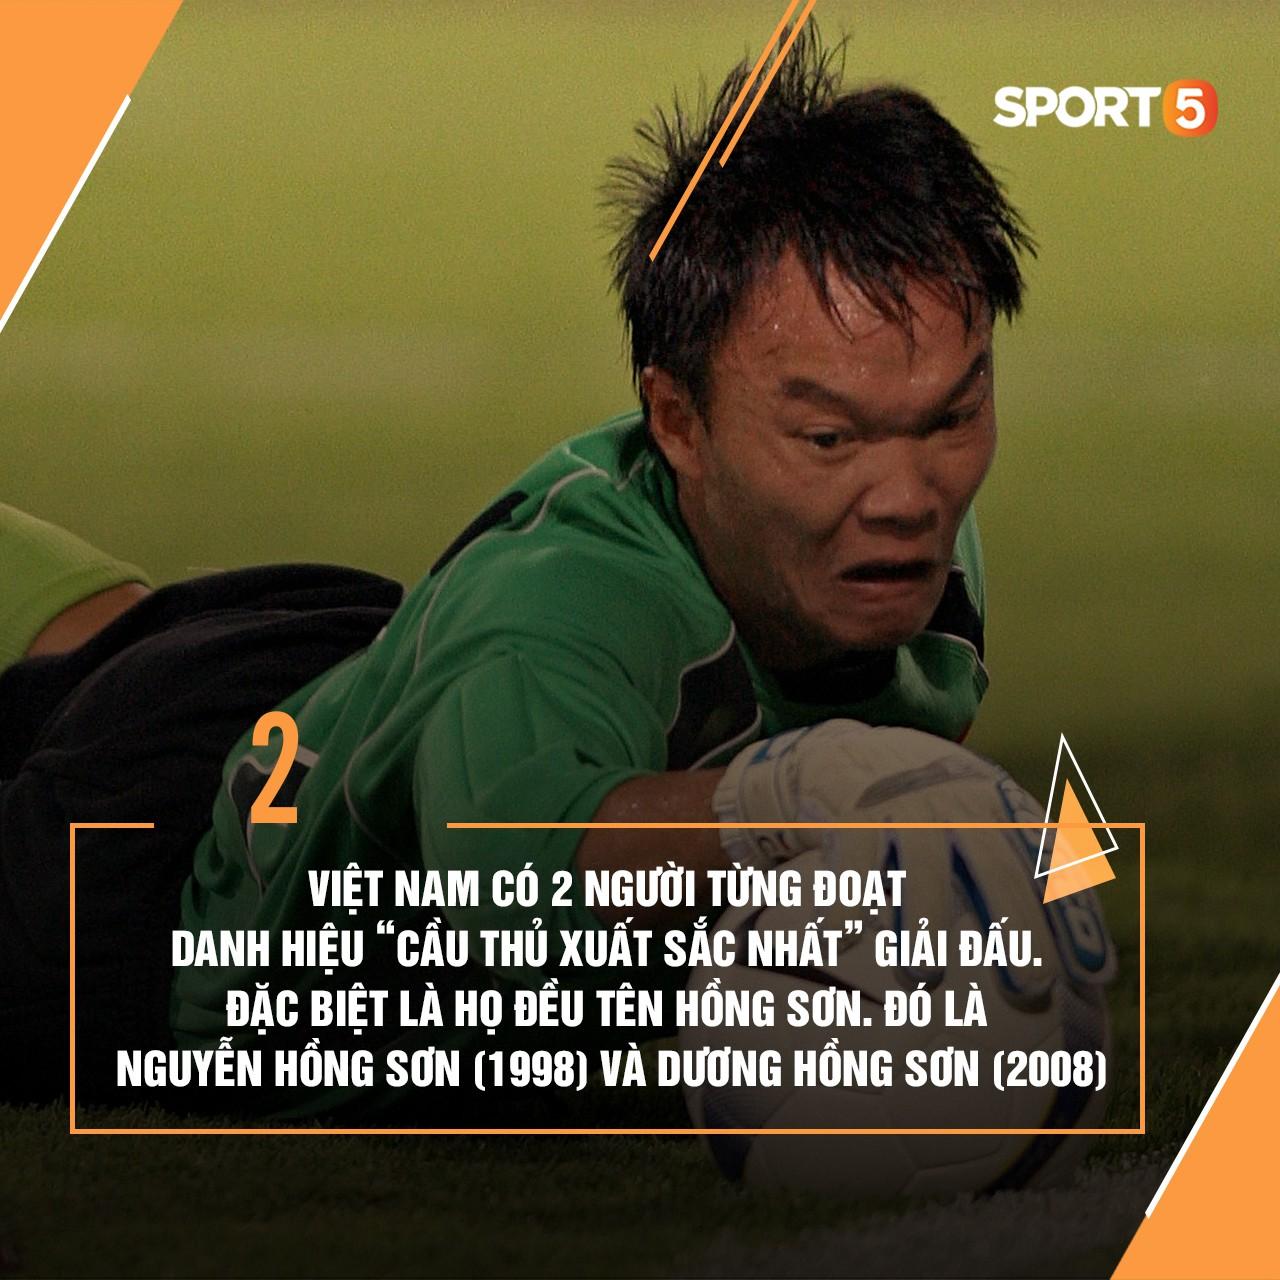 Những thống kê thú vị về tuyển Việt Nam ở AFF Cup - Ảnh 7.